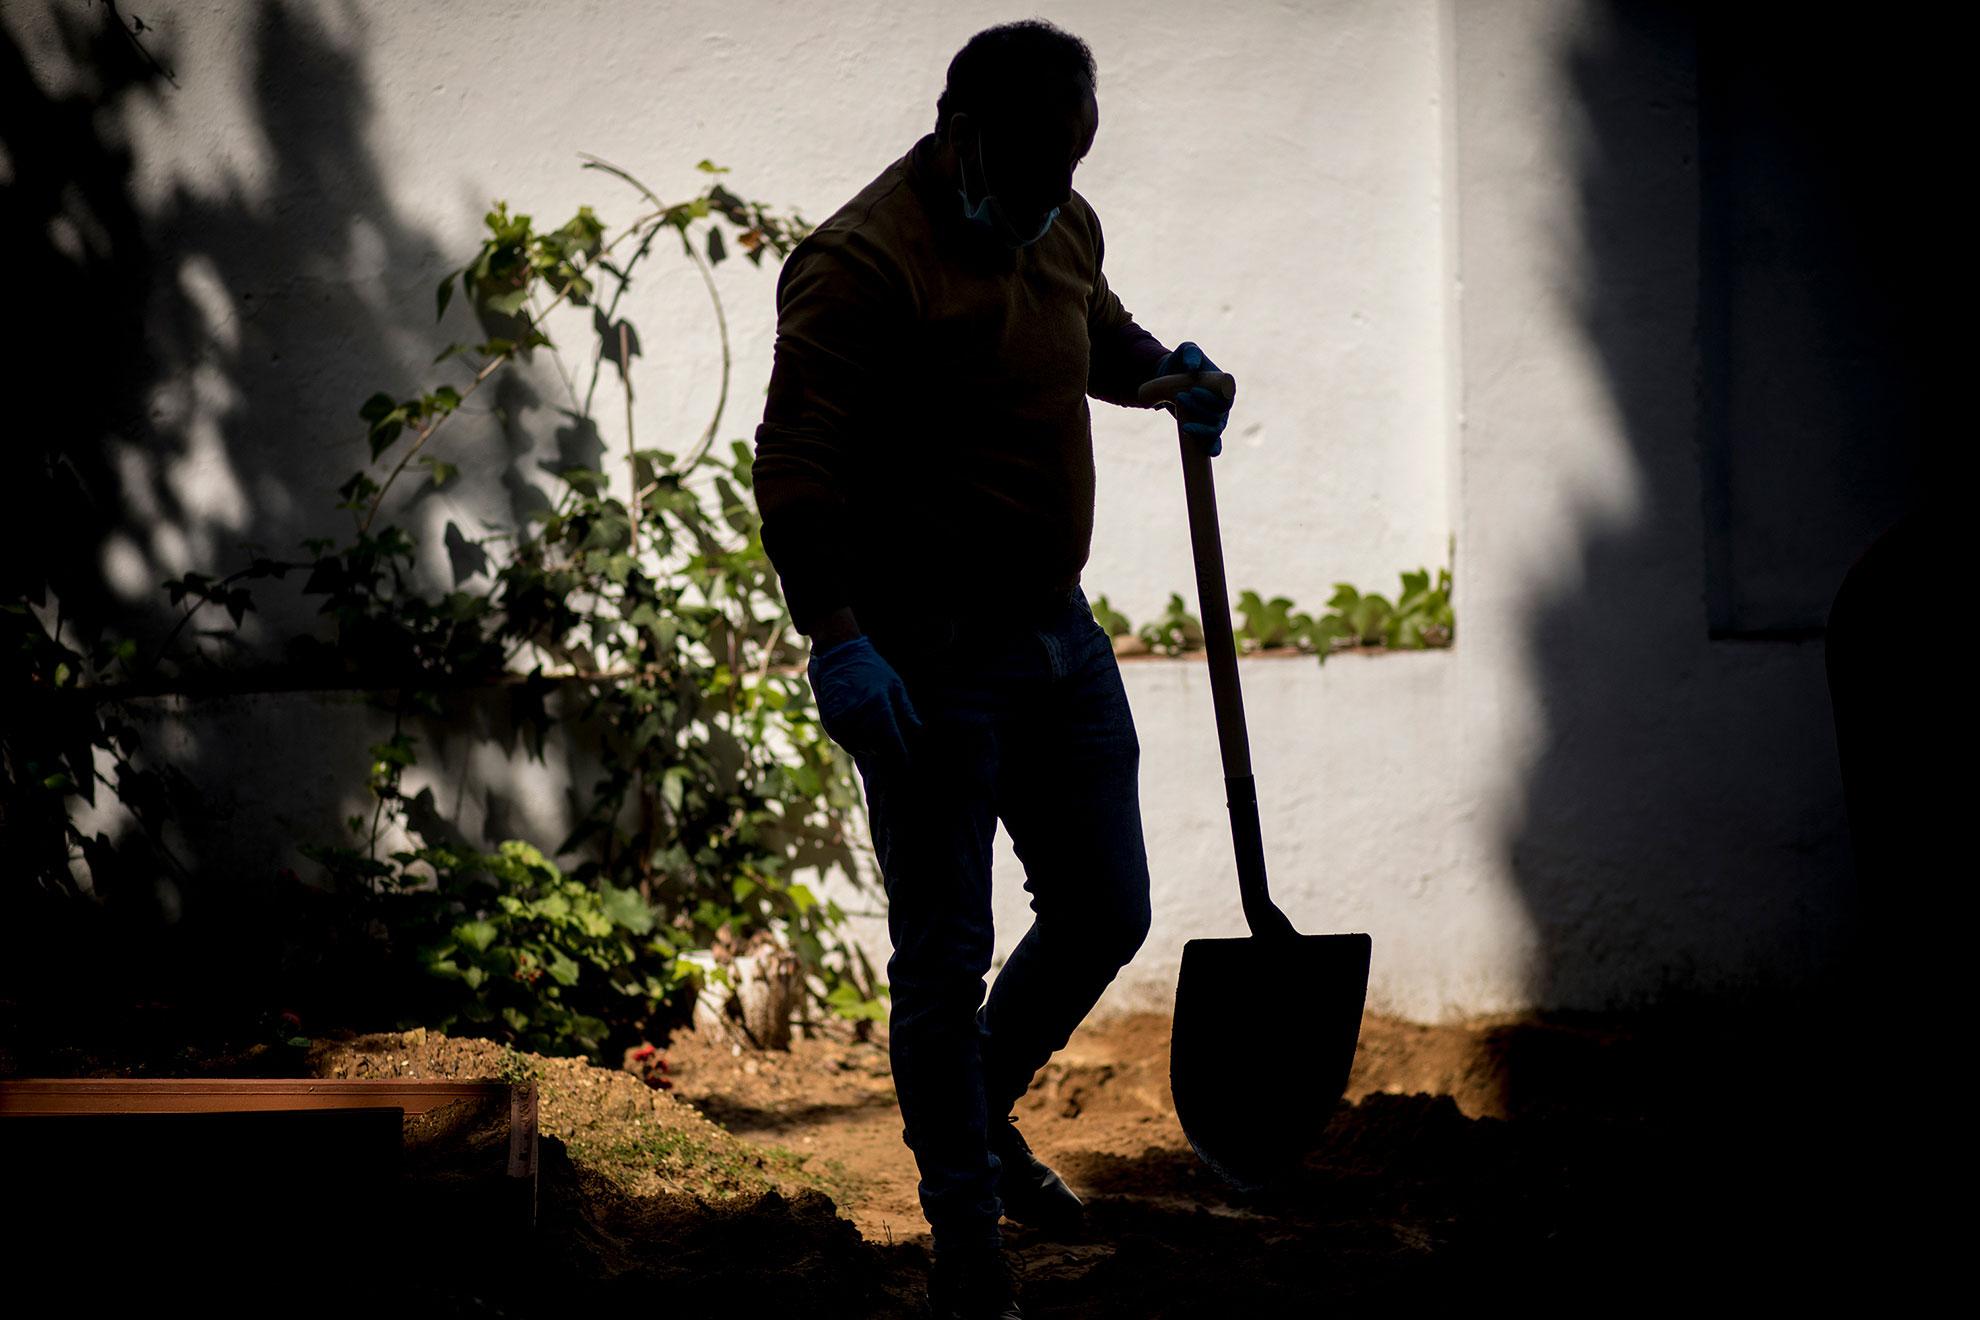 Un allegado a una persona fallecida a causa de complicaciones por la infección del virus COVID-19 termina de enterrar su tumba. El difunto, un varón de 77 años de origen marroquí, falleció en el hospital de Algeciras pero ha sido enterrado en el cementerio de Jerez, ya que dicho camposanto cuenta con el único cementerio musulmán en la provincia de Cádiz. Jerez, 4 de abril, 2020.